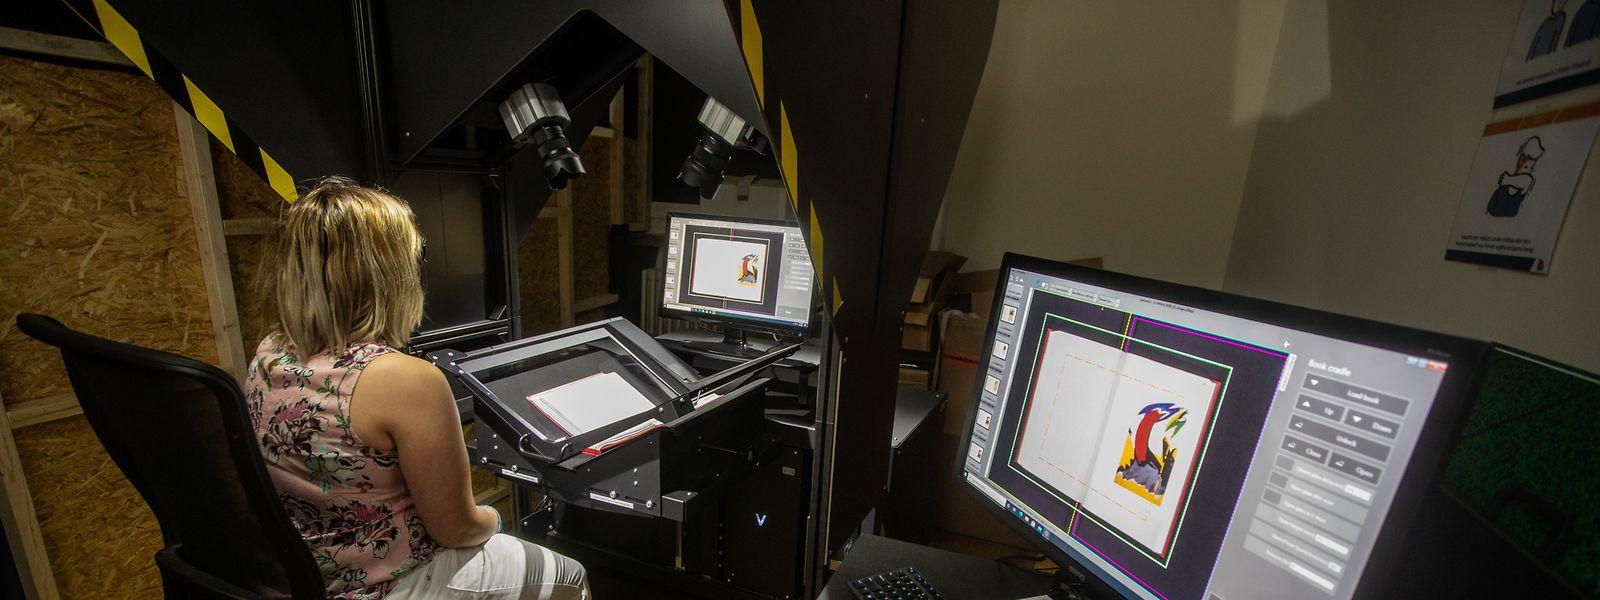 Im V-Scanner lassen sich wertvolle Bücher abfotografieren, ohne dass man sie vollständig öffnen muss.